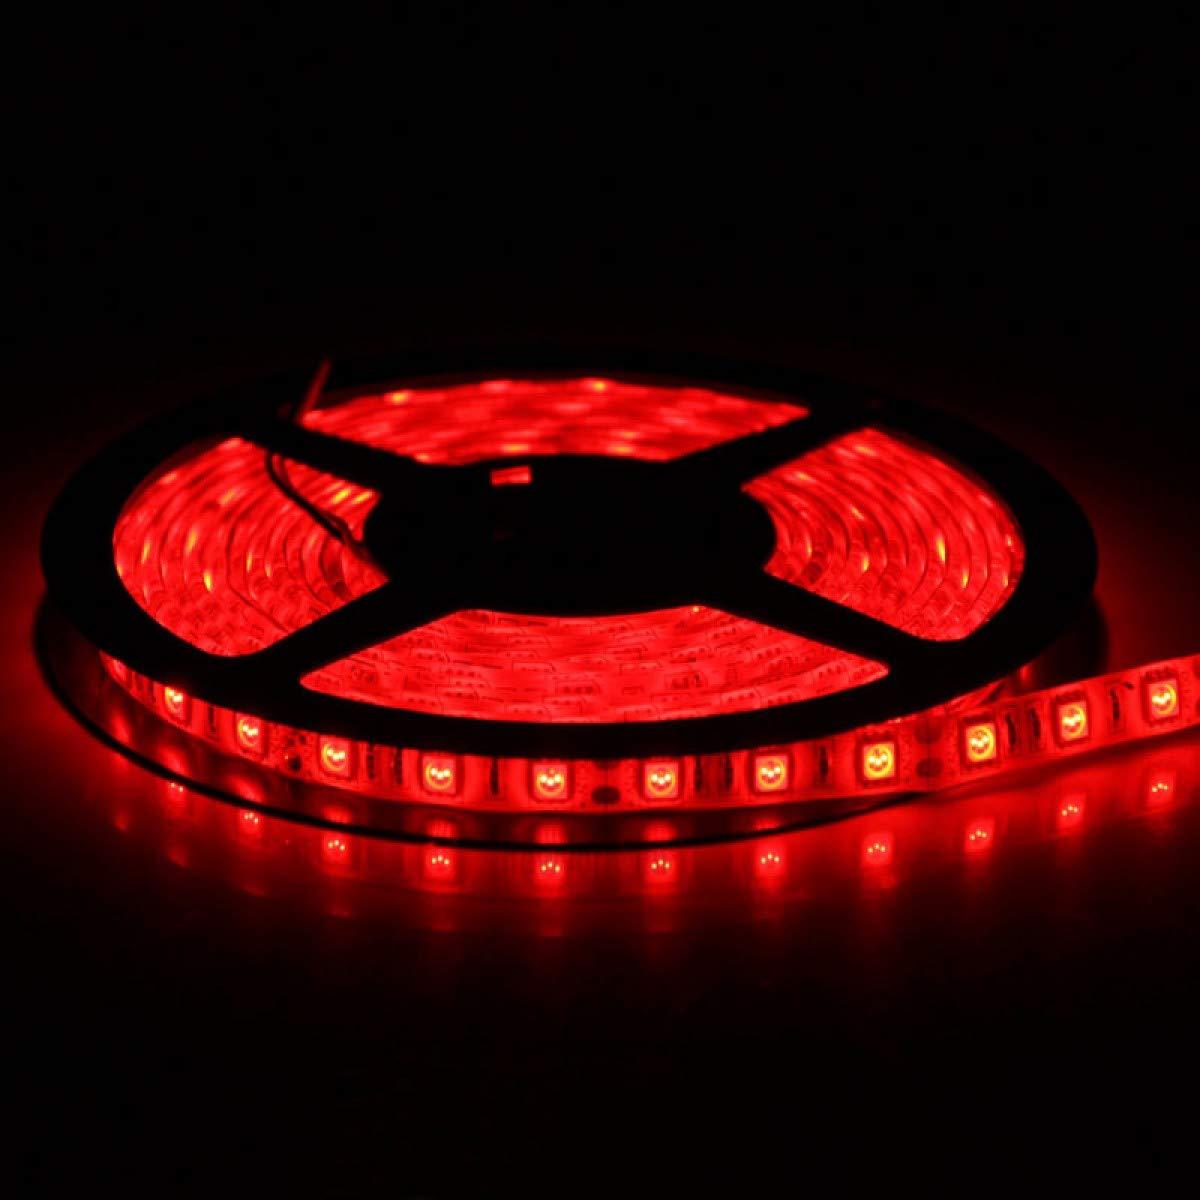 Red LED Strip Light, iNextStation 16ft/5m SMD5050 300 LEDs 12V Flexible Non-Waterproof LED Tape/LED Rope/LED Ribbon 【Red】